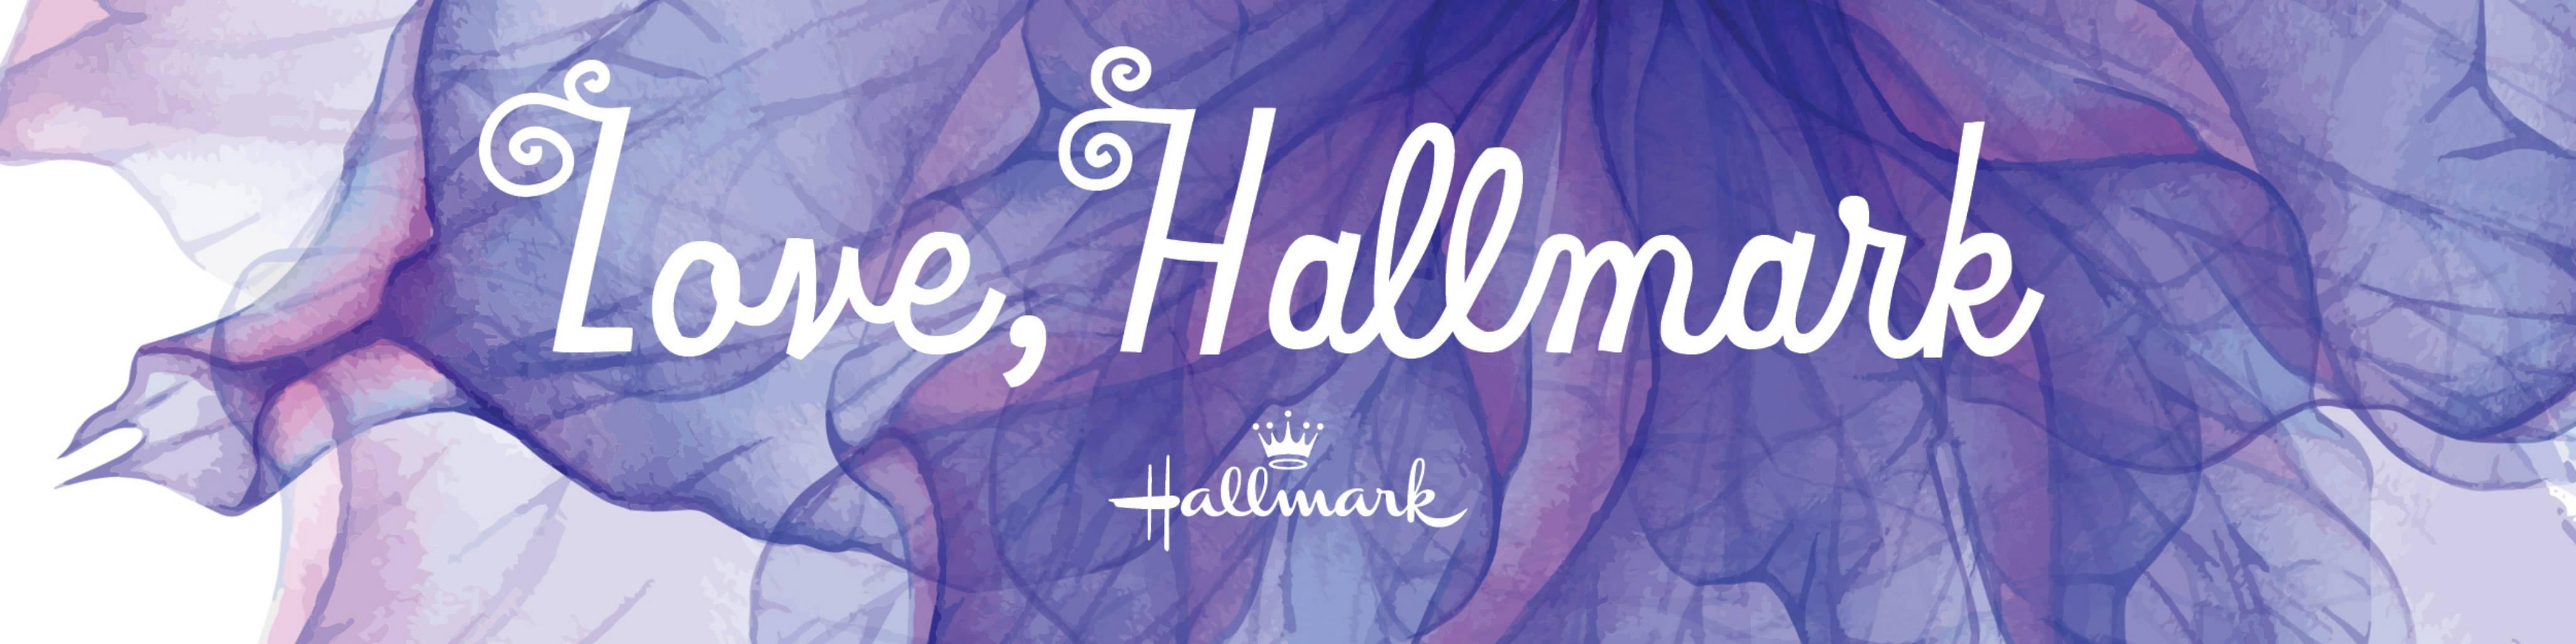 Hallmark Father's Day #Review #LoveHallmark